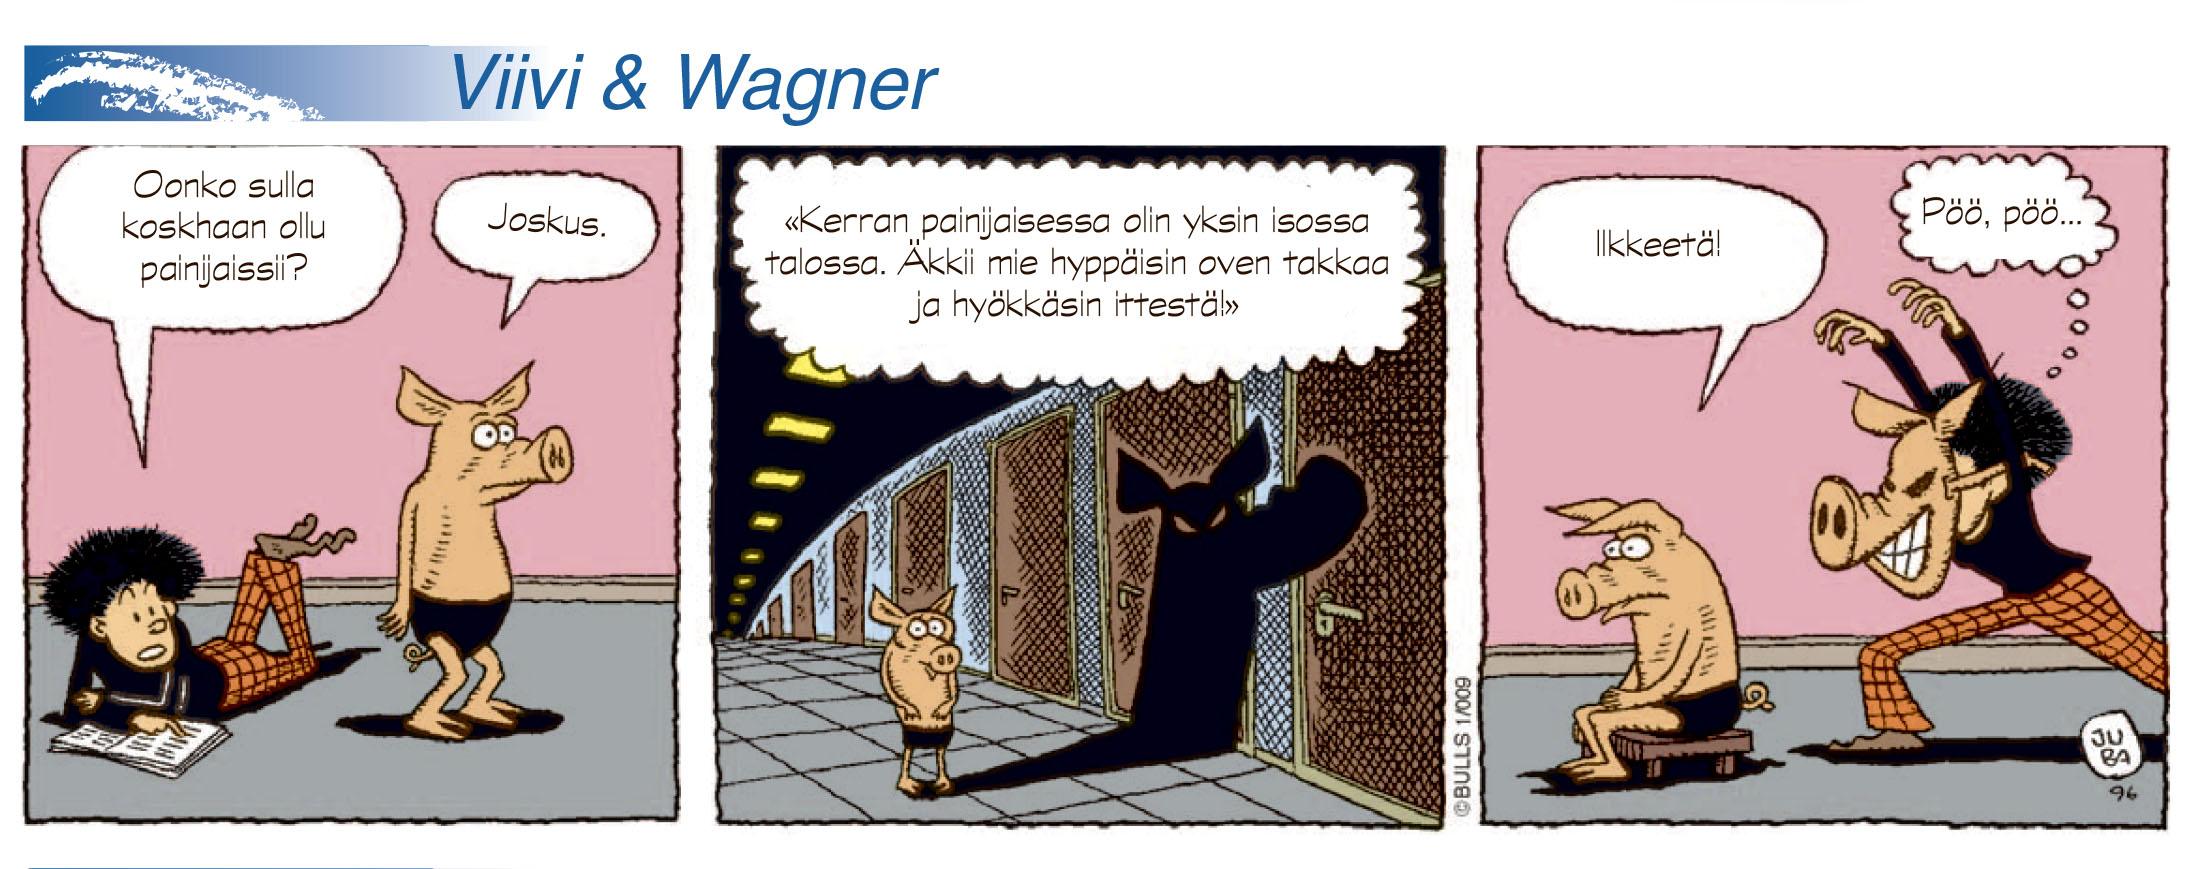 Viivi & Wagner (nr 9 – 2012)